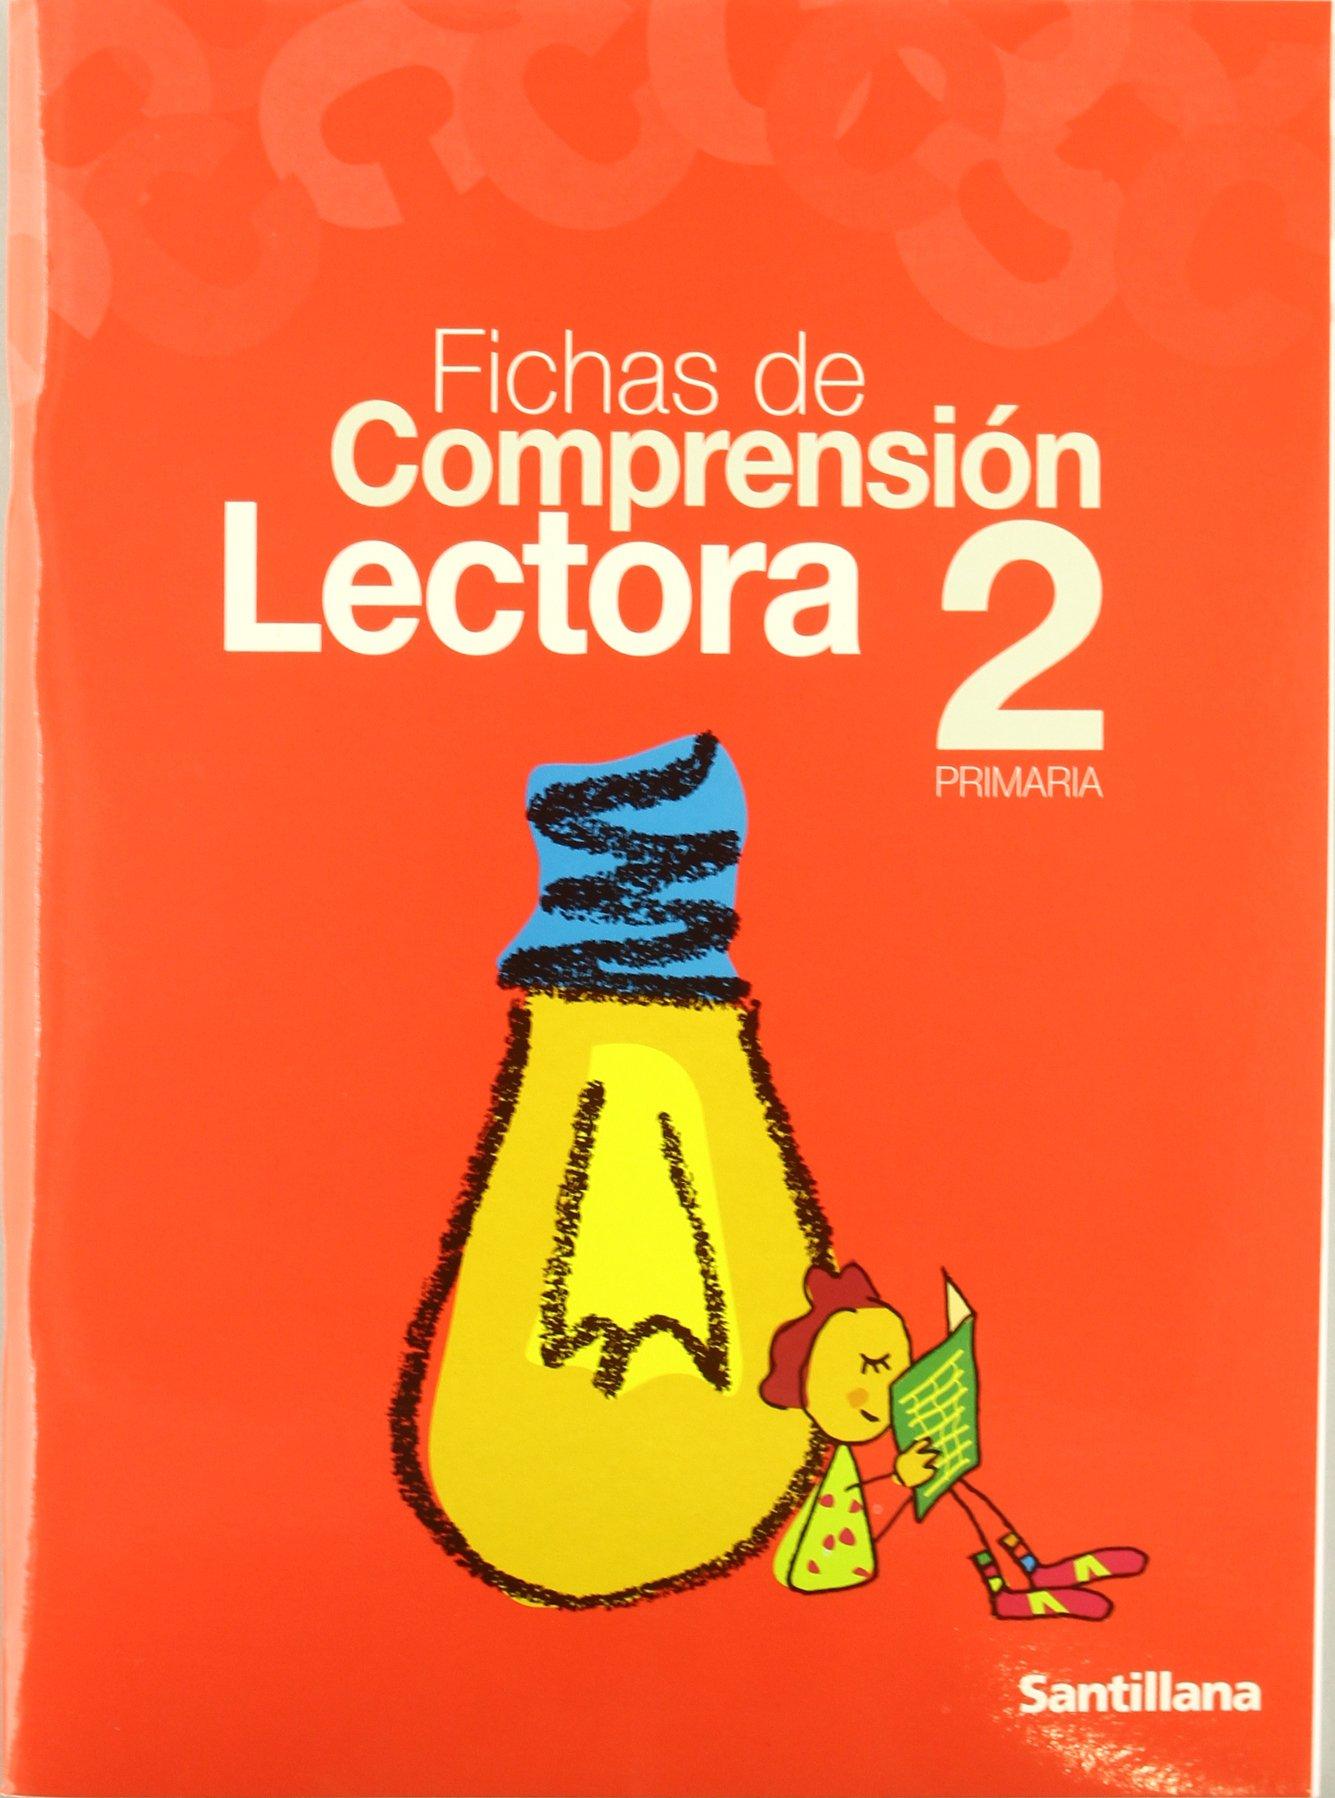 FICHAS COMPRENSION LECTORA 2 PRIMARIA - 9788429485417: Amazon.es: Vv.Aa.: Libros